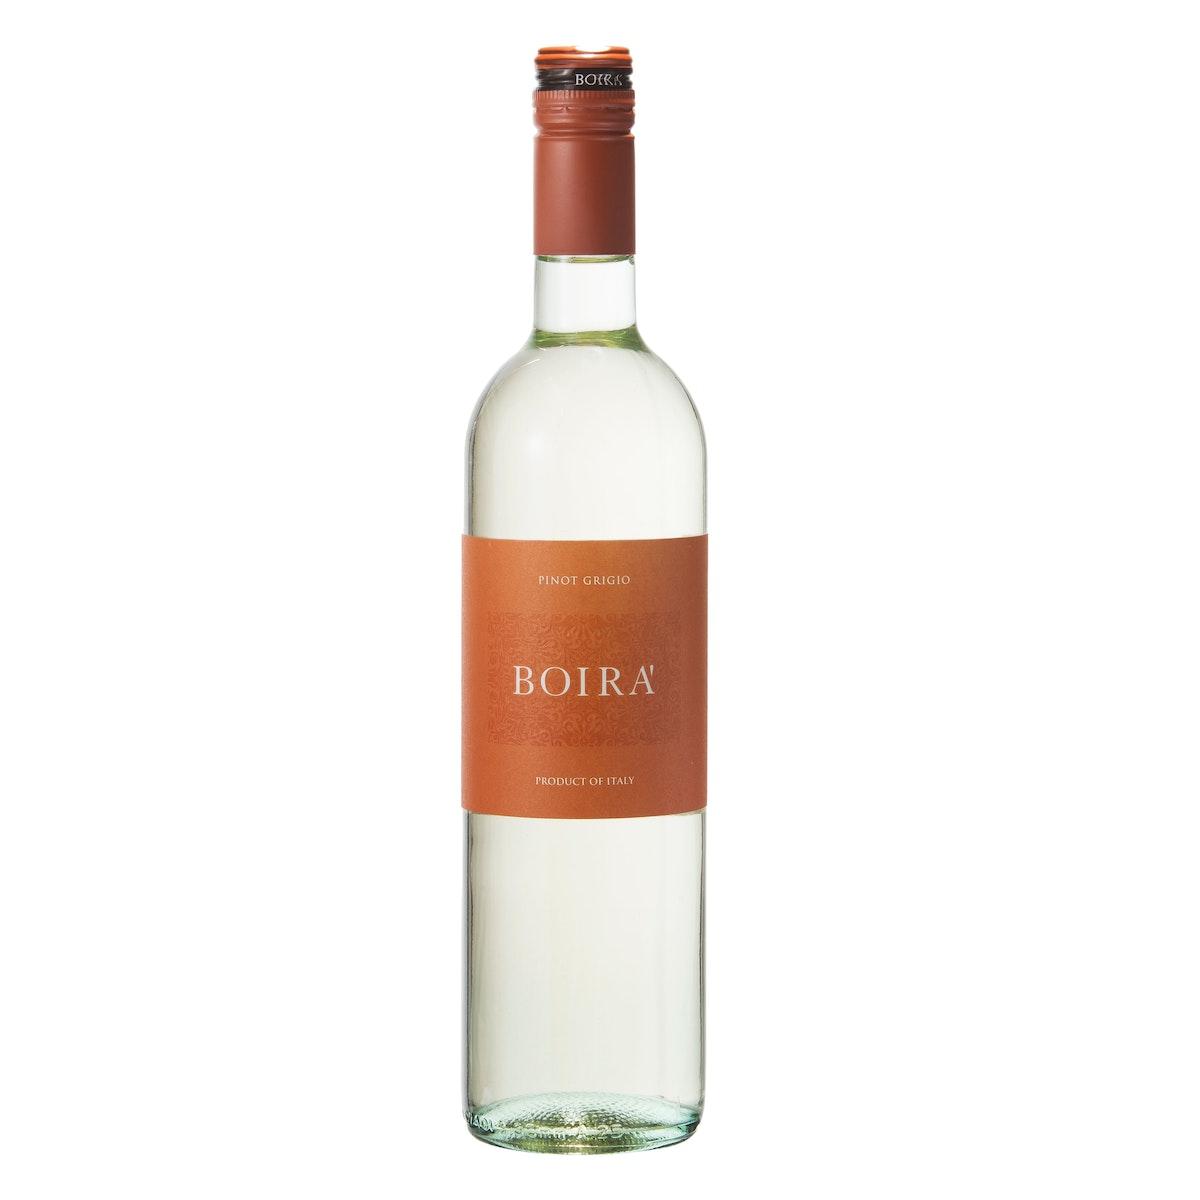 Pinot grigio 'Boira', 2019